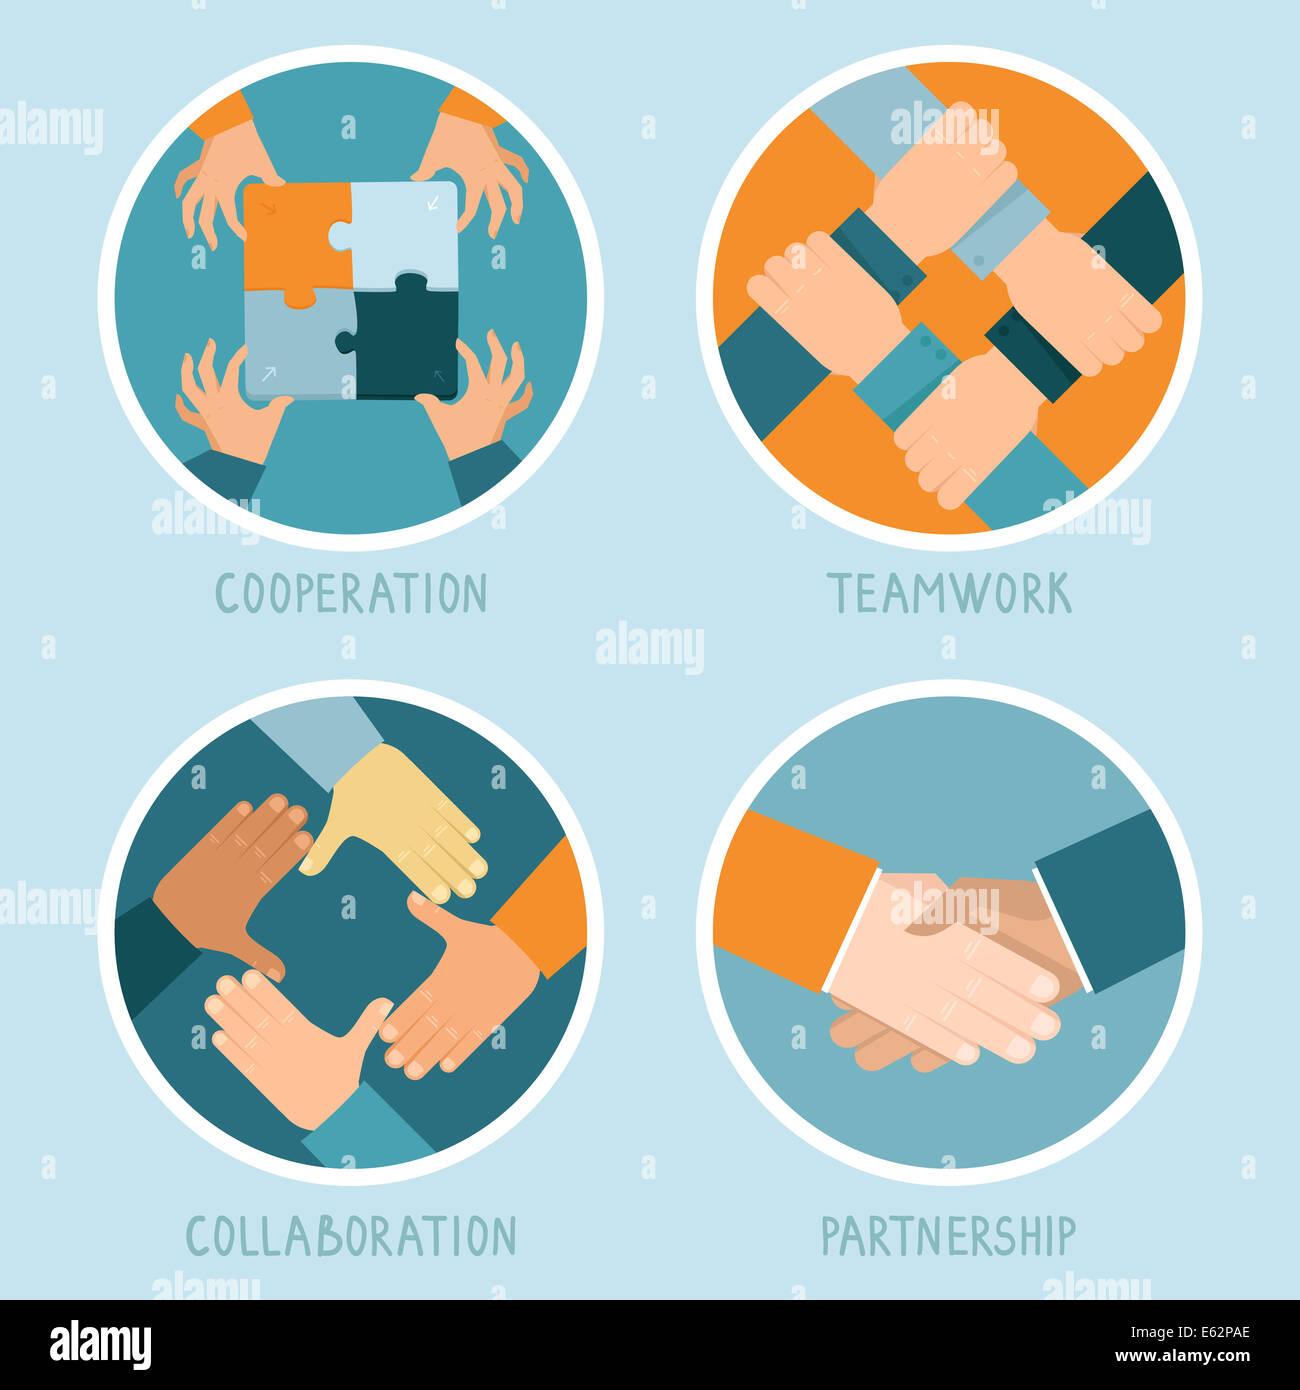 Il lavoro di squadra e il concetto di cooperazione in uno stile piatto - accordo di partenariato e di collaborazione Immagini Stock